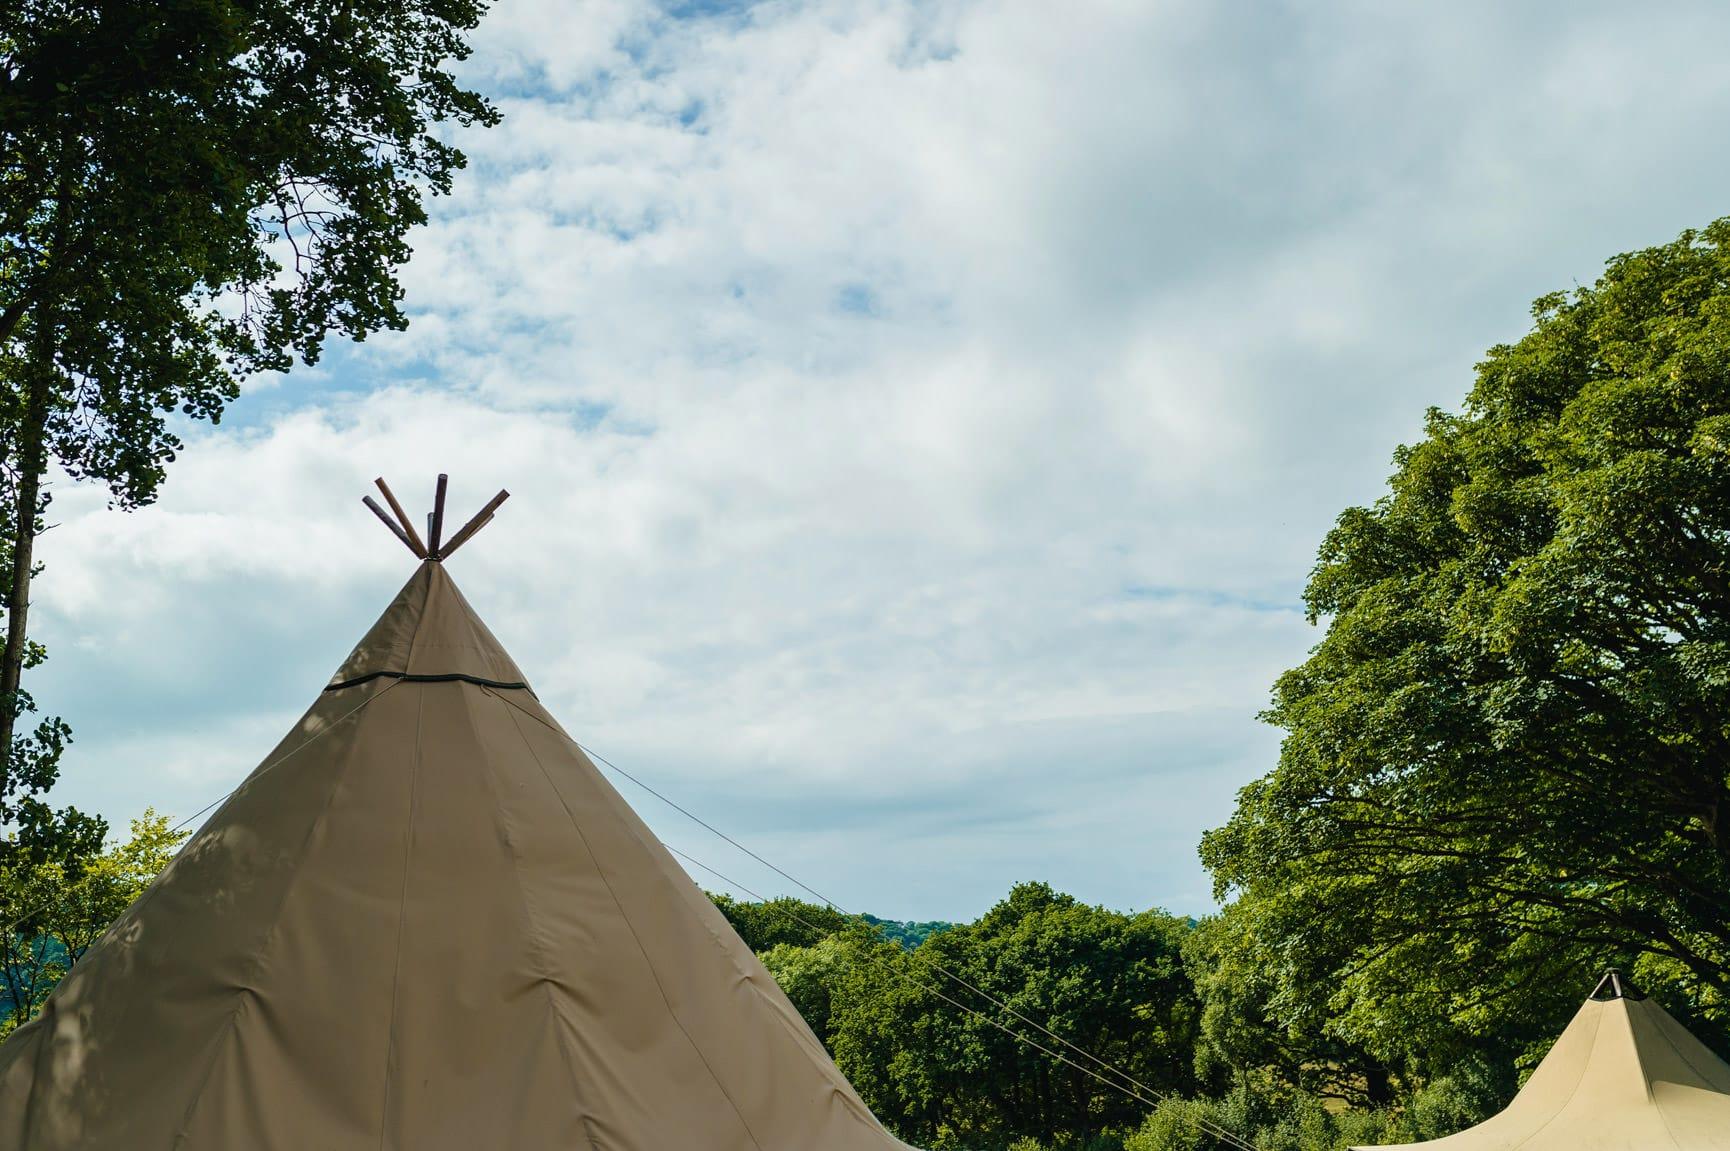 Fforest Wedding, Cardigan, Wales - Lauren and Gareth 1